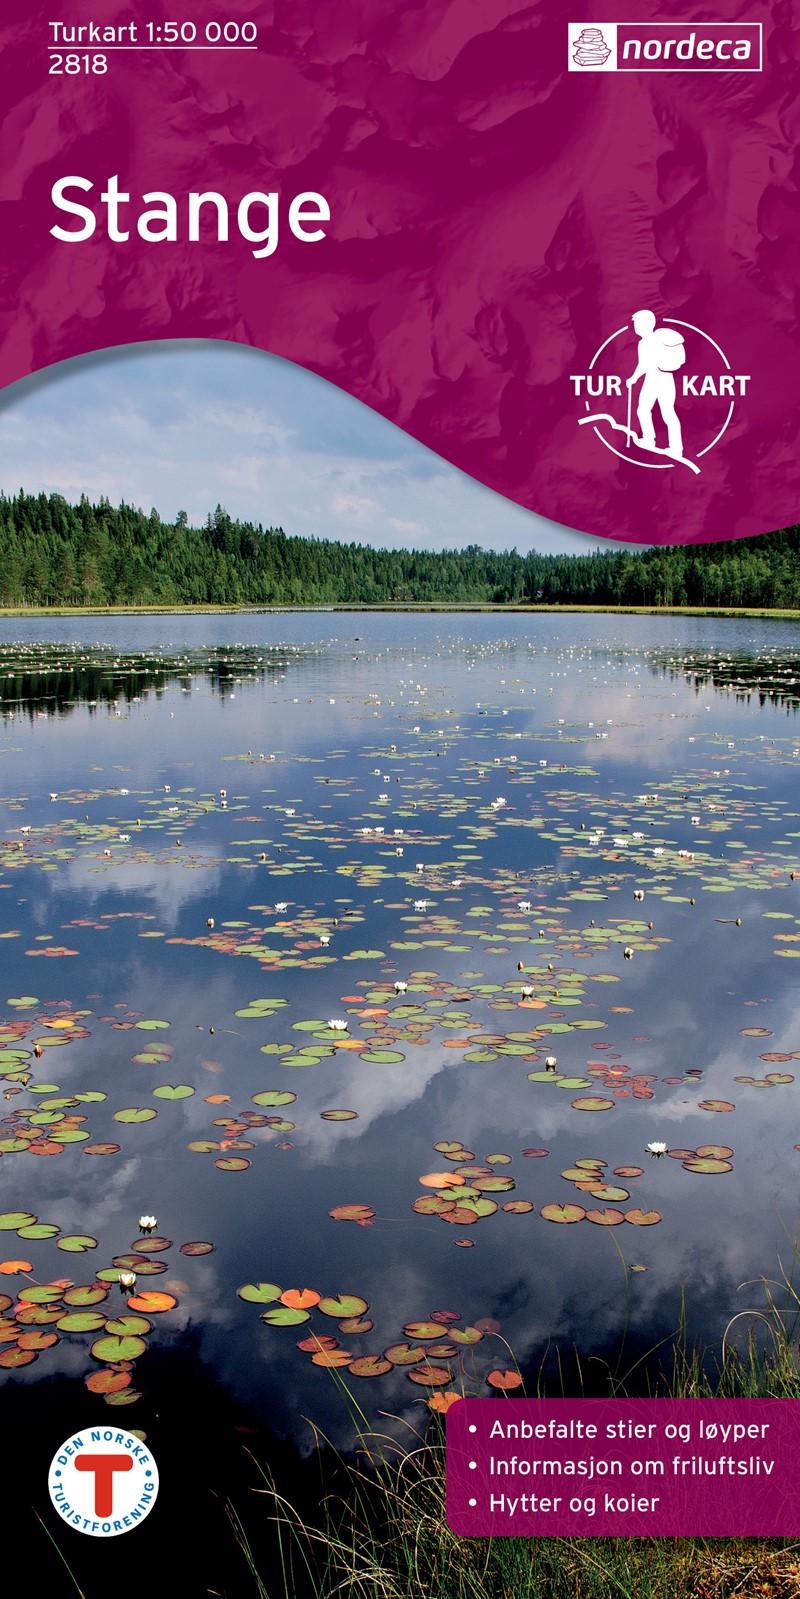 Wandelkaart 2818 Turkart Stange | Nordeca